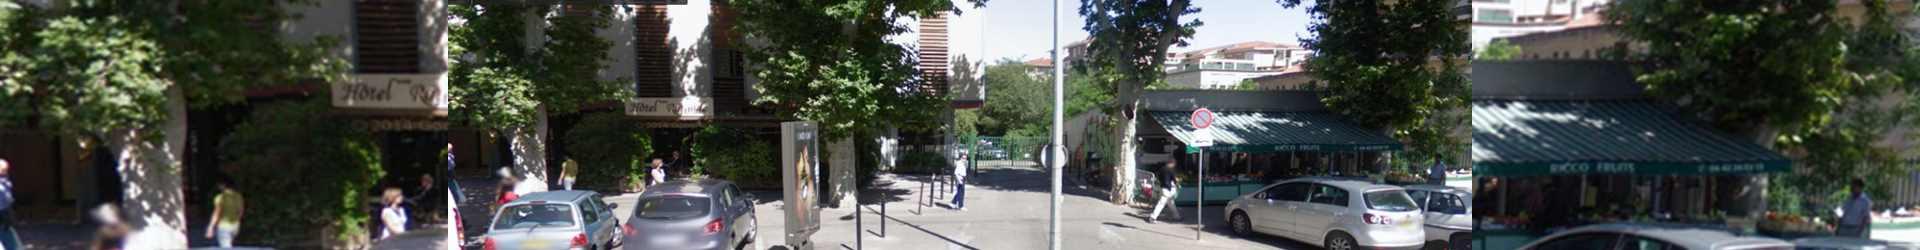 école Adonis Aix